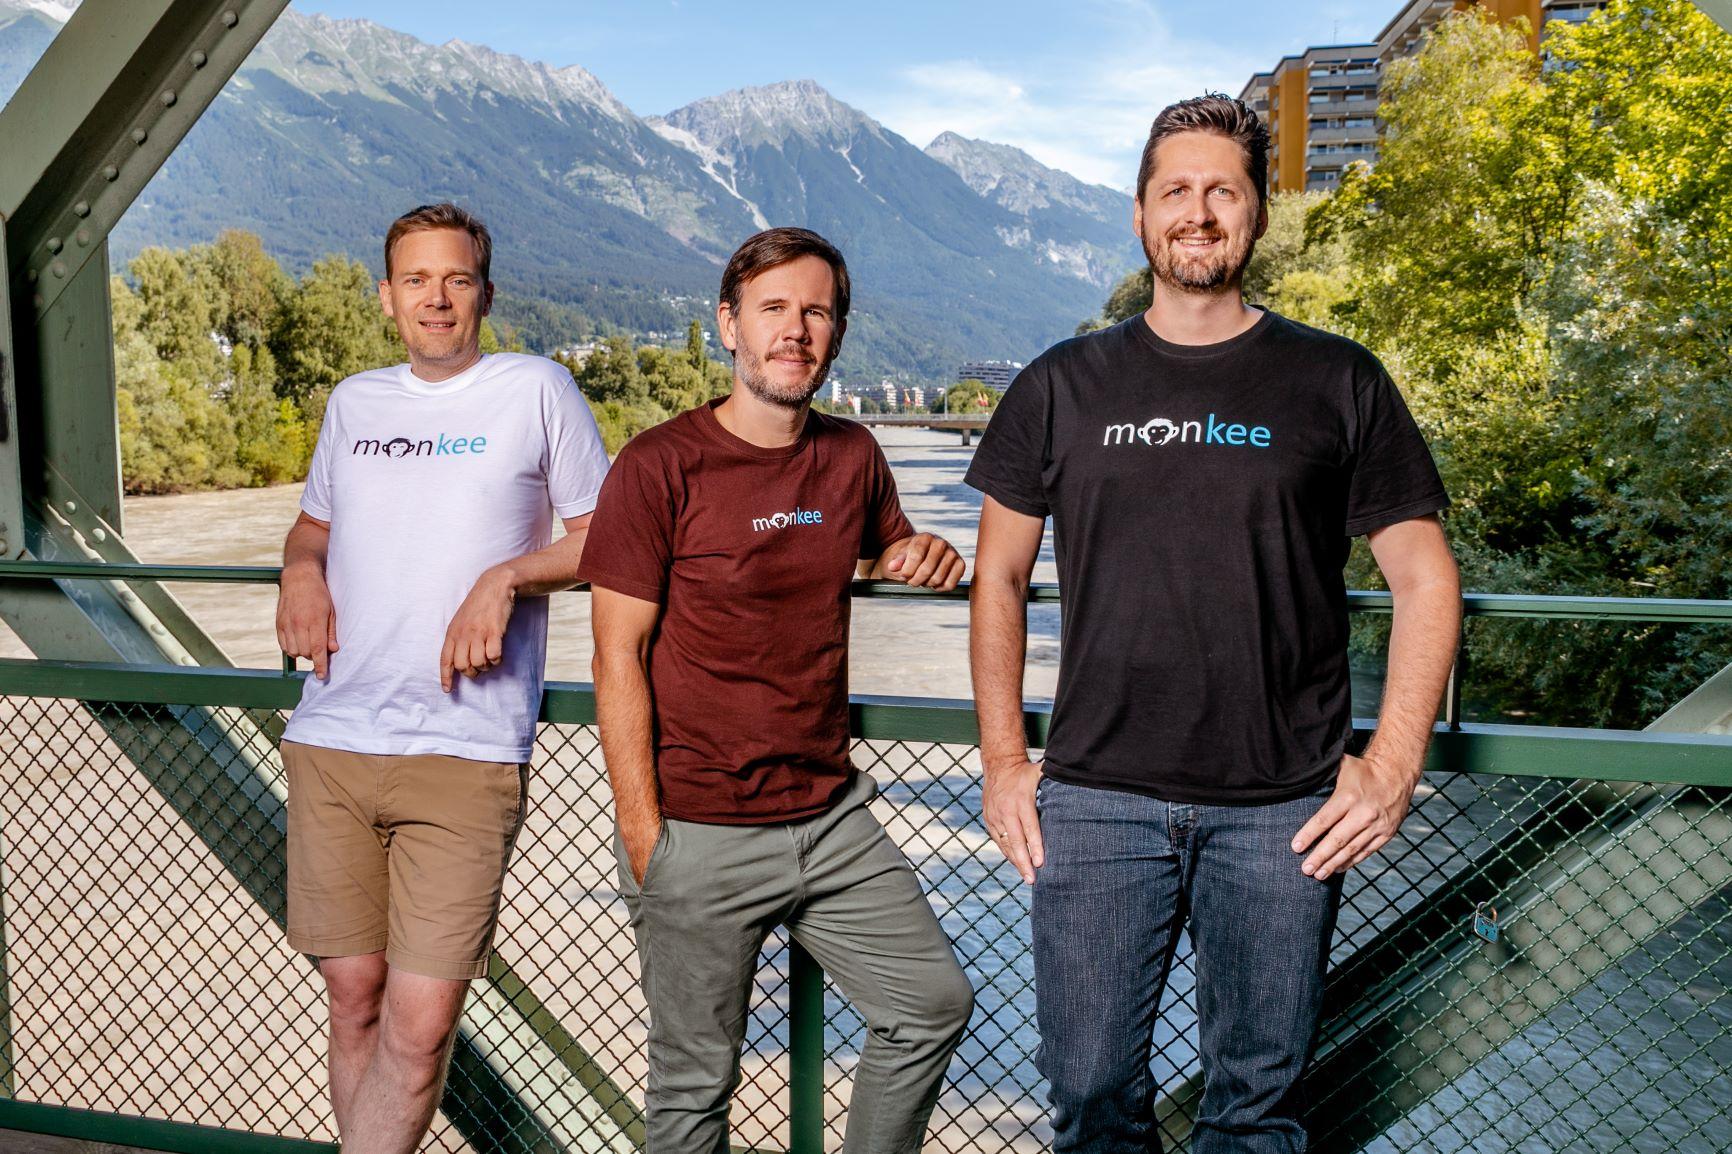 Monkee Founders2 - Startups rund um den Bodensee